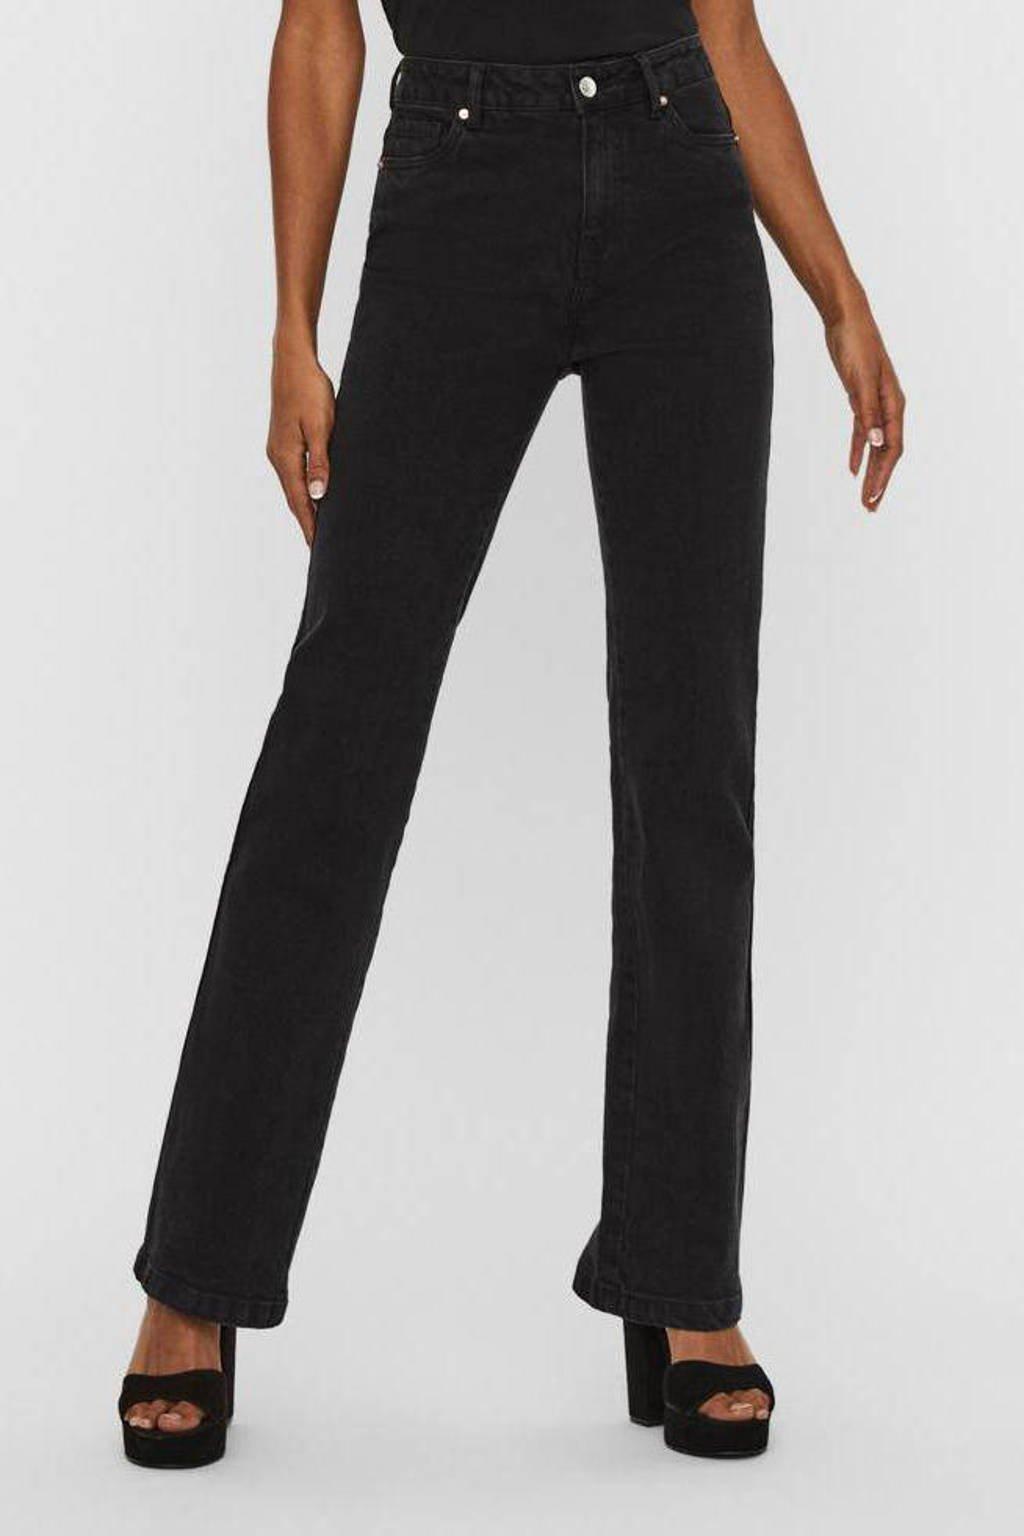 VERO MODA bootcut jeans VMSAGA black, Zwart